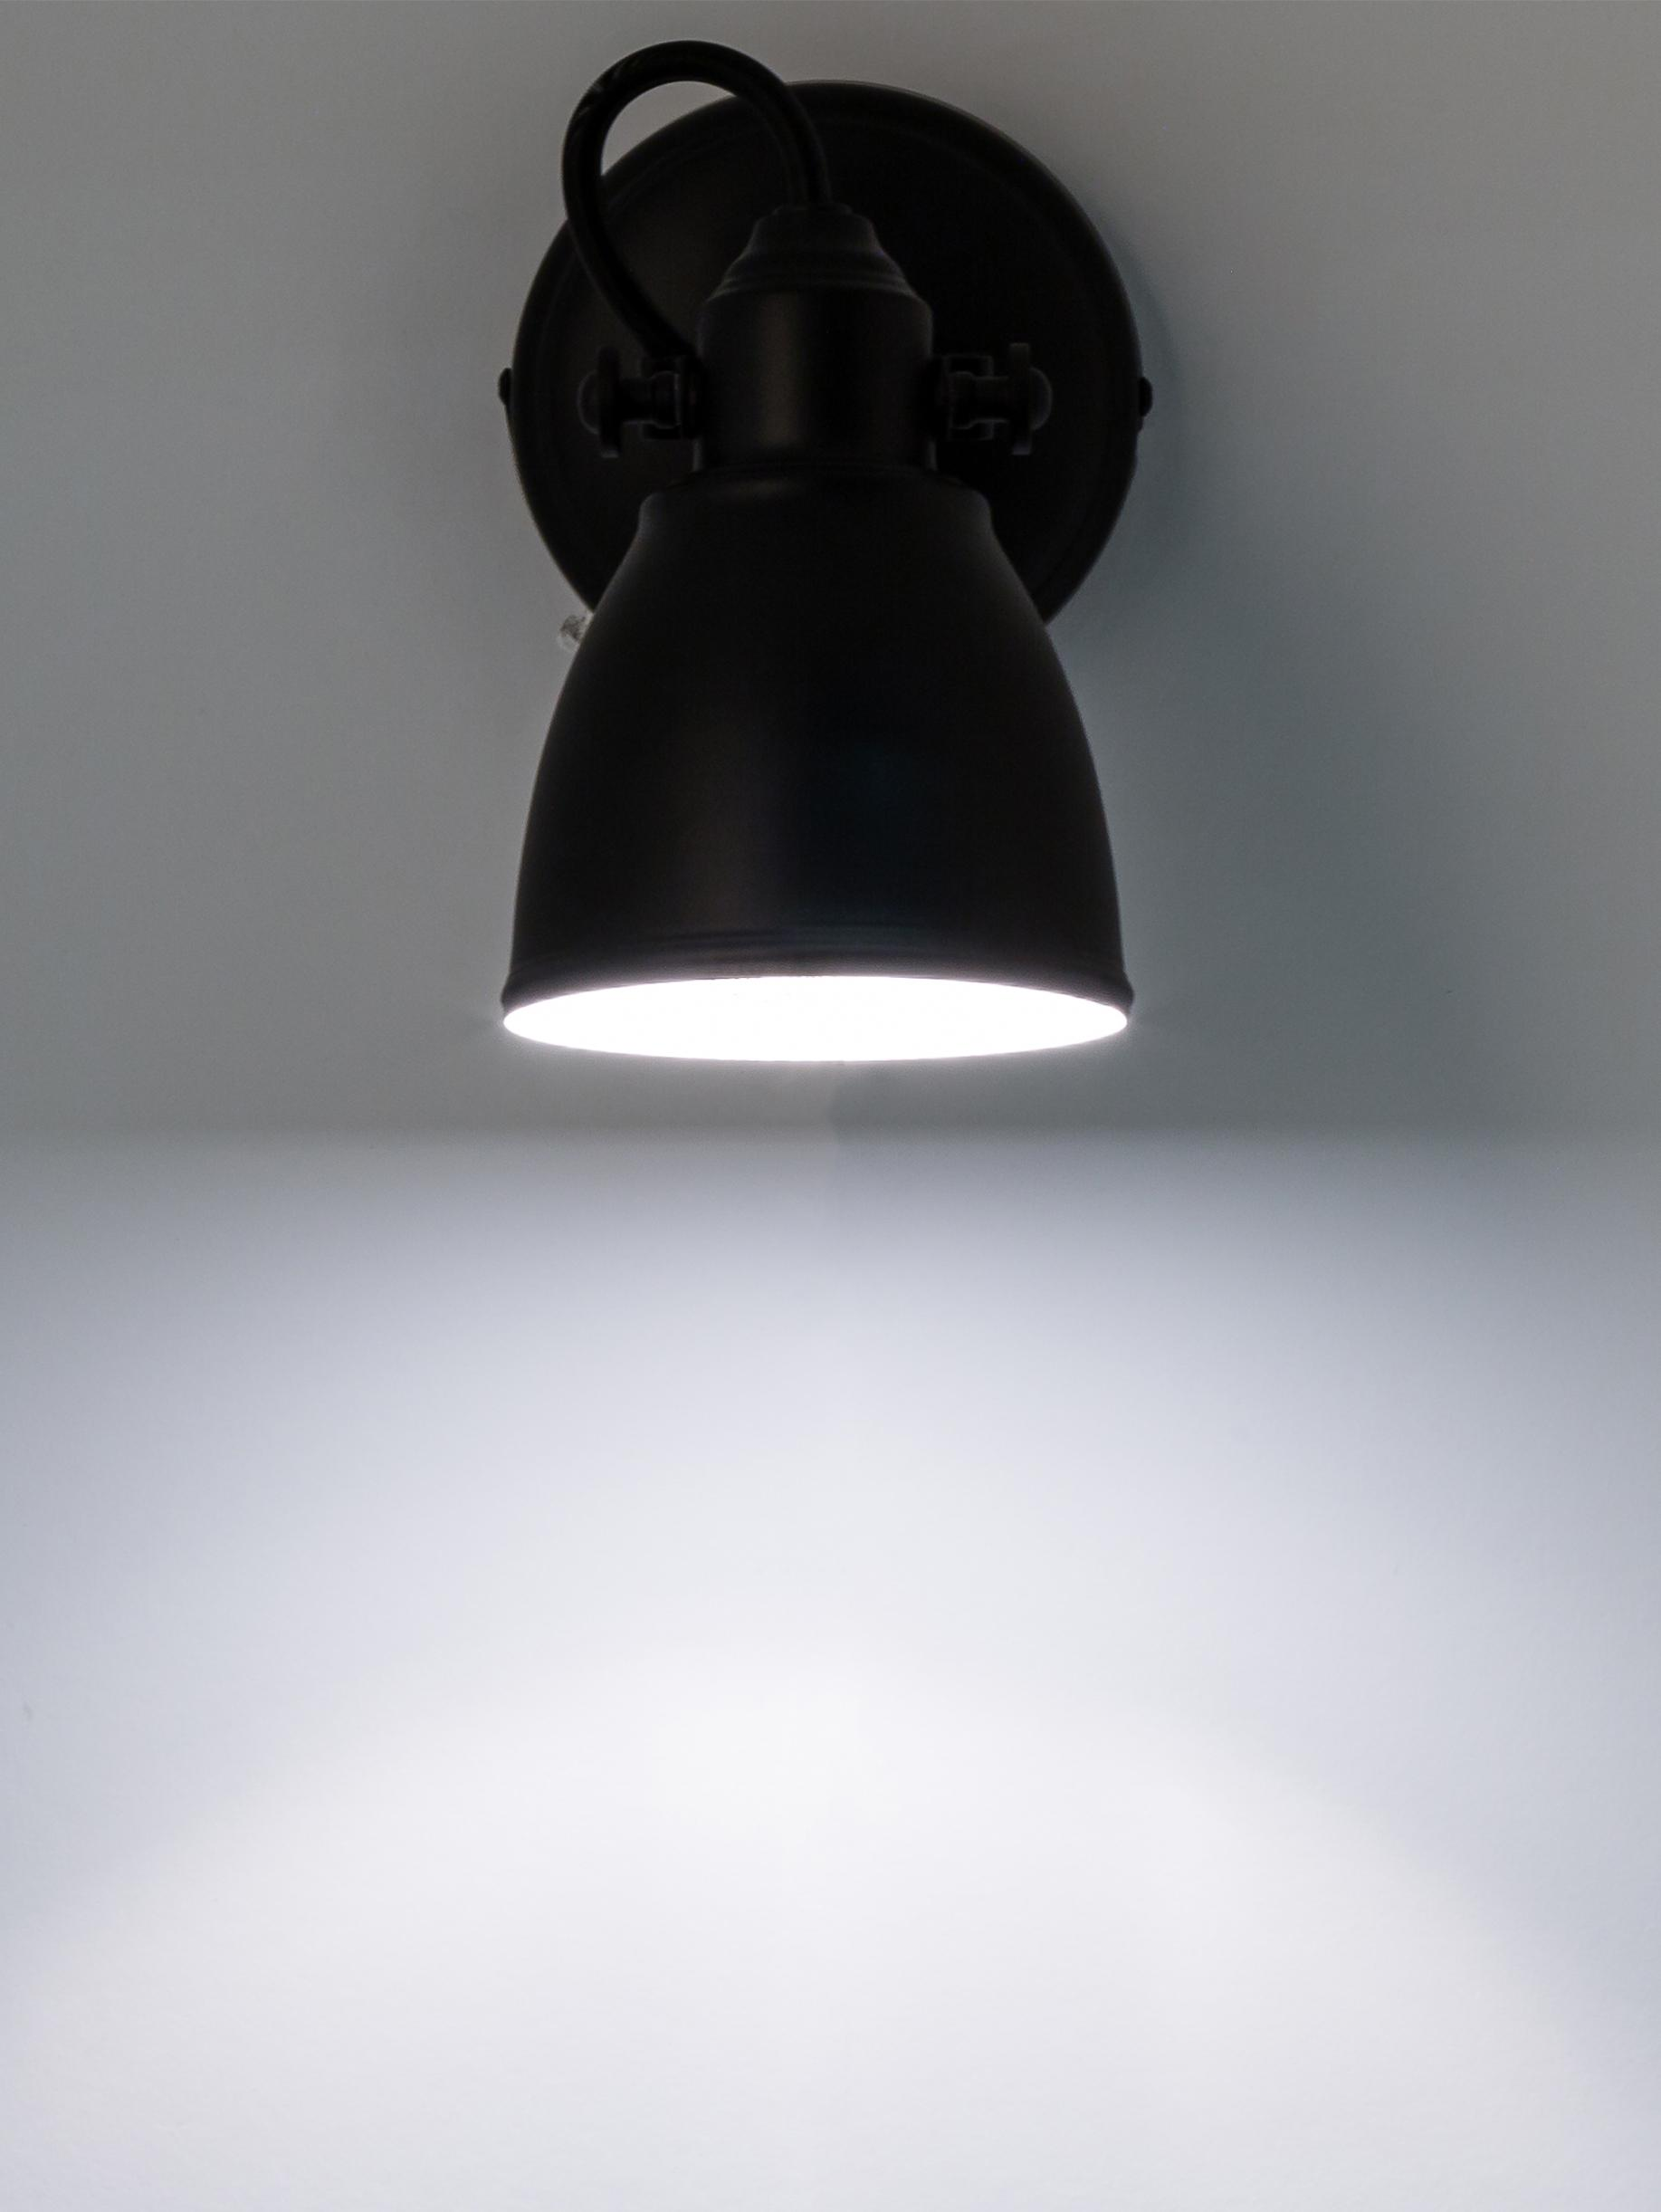 Applique con spina Fjallbacka, Lampada: metallo rivestito, Nero, Larg. 12 x Alt. 17 cm